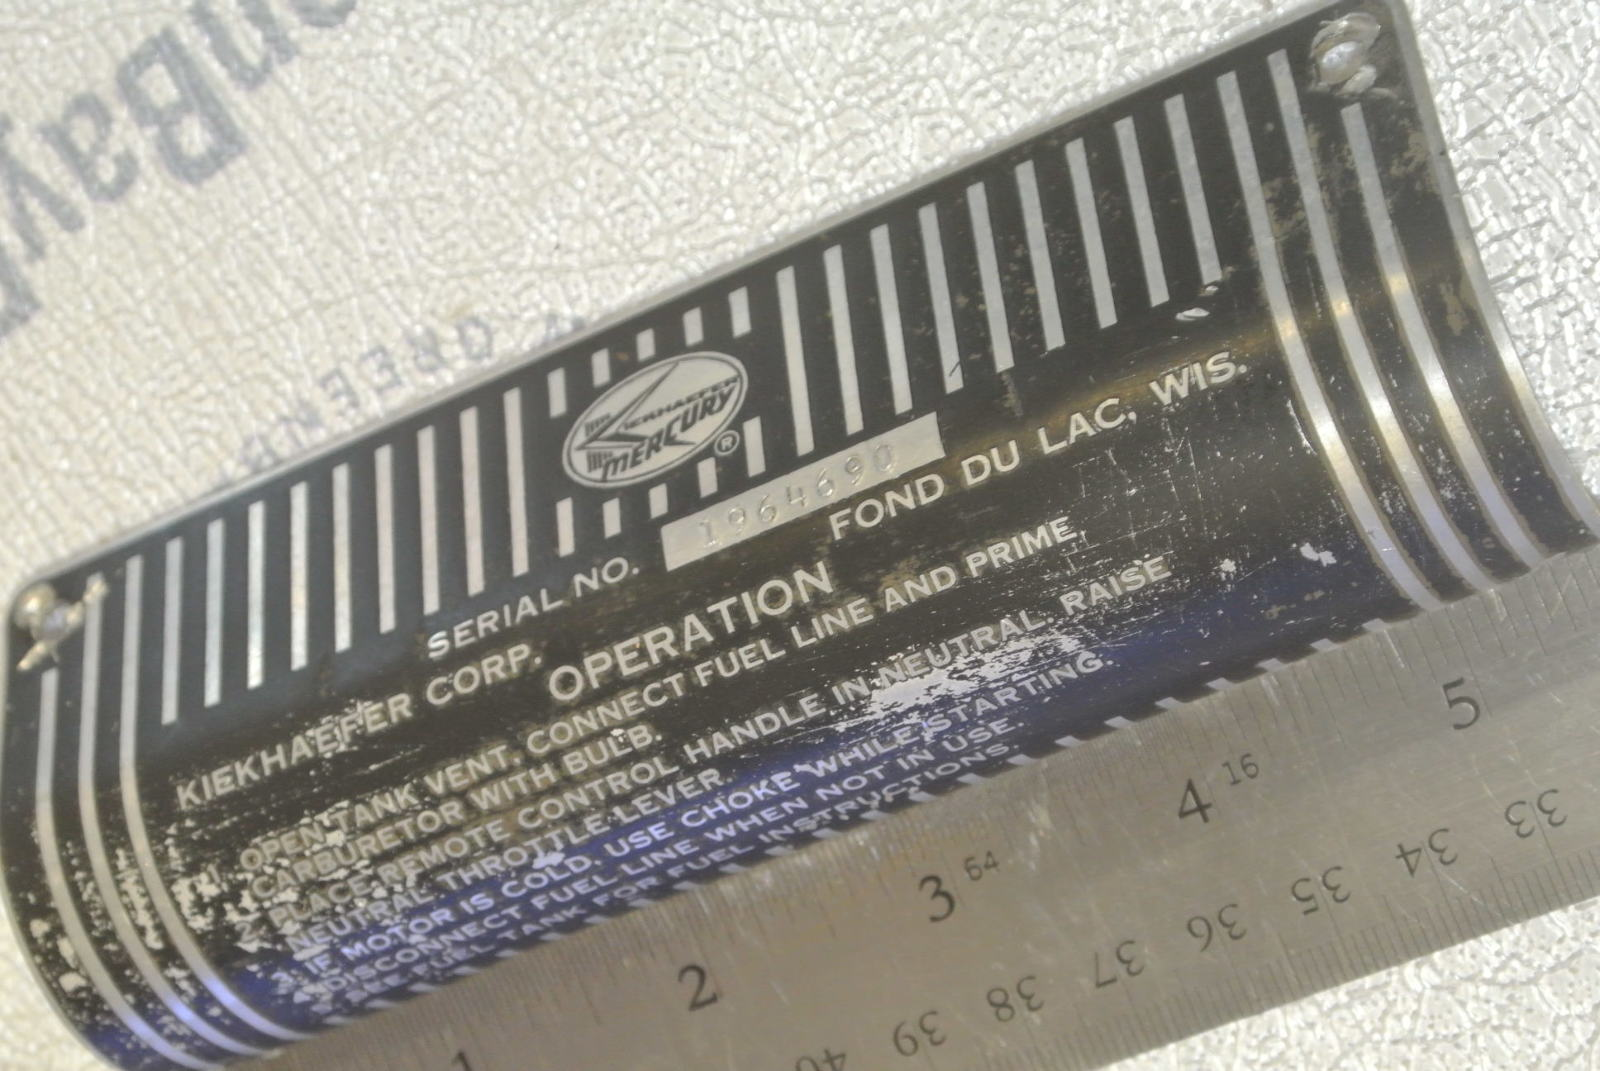 Vintage Mercury Kiekhaefer Outboard Serial Number Plate